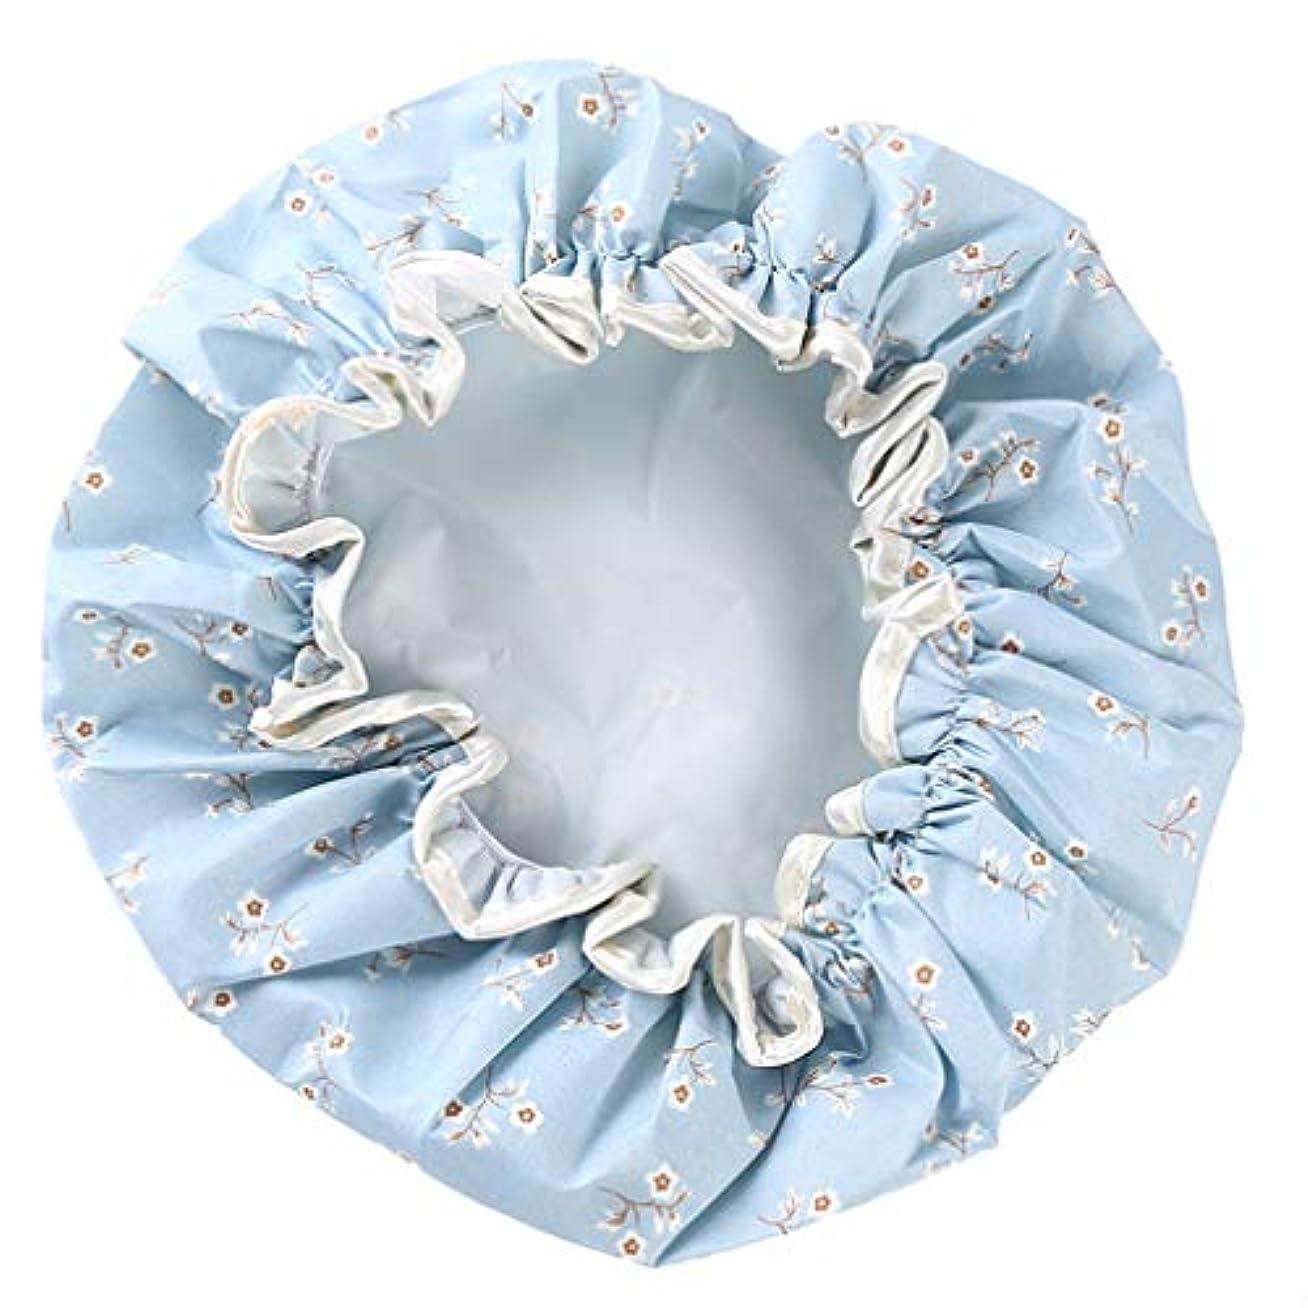 ラテン審判撤回するNoonlity シャワーキャップ 防水帽 髪濡れ防止 レディース ヘアーキャップ 再使用可能 お風呂 温泉 ブルー